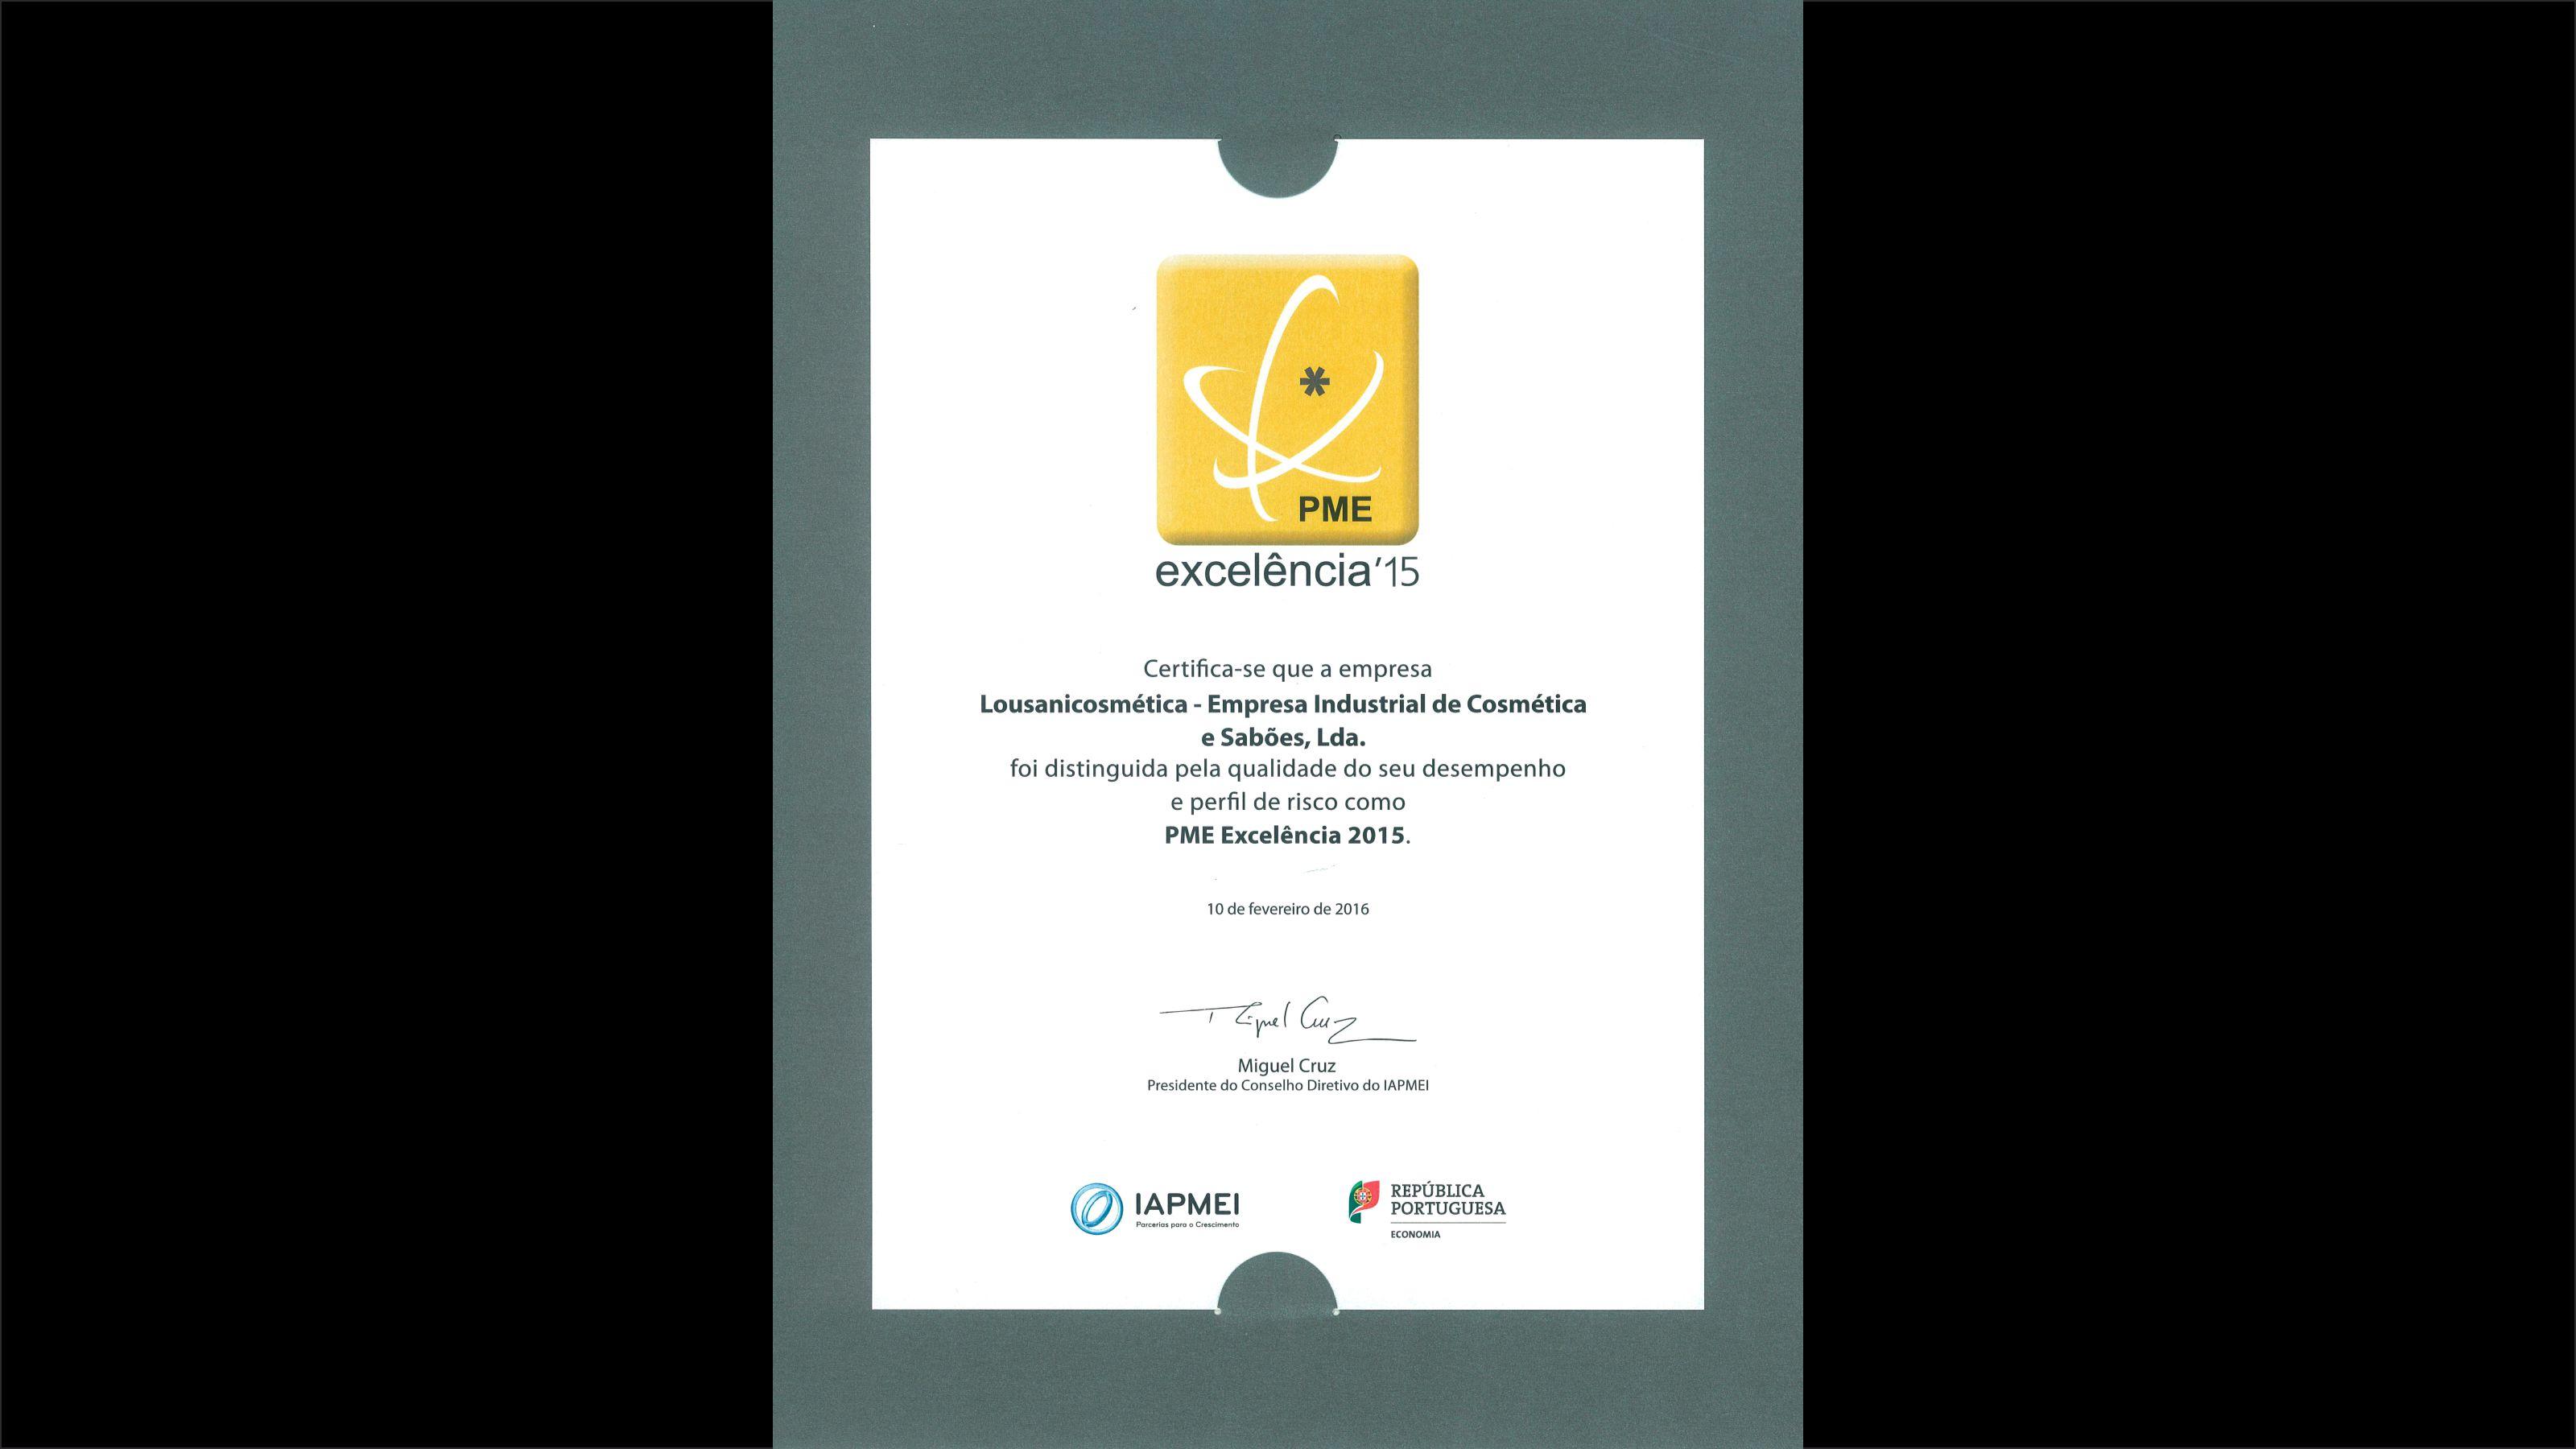 Galardão PME Excelência 2015